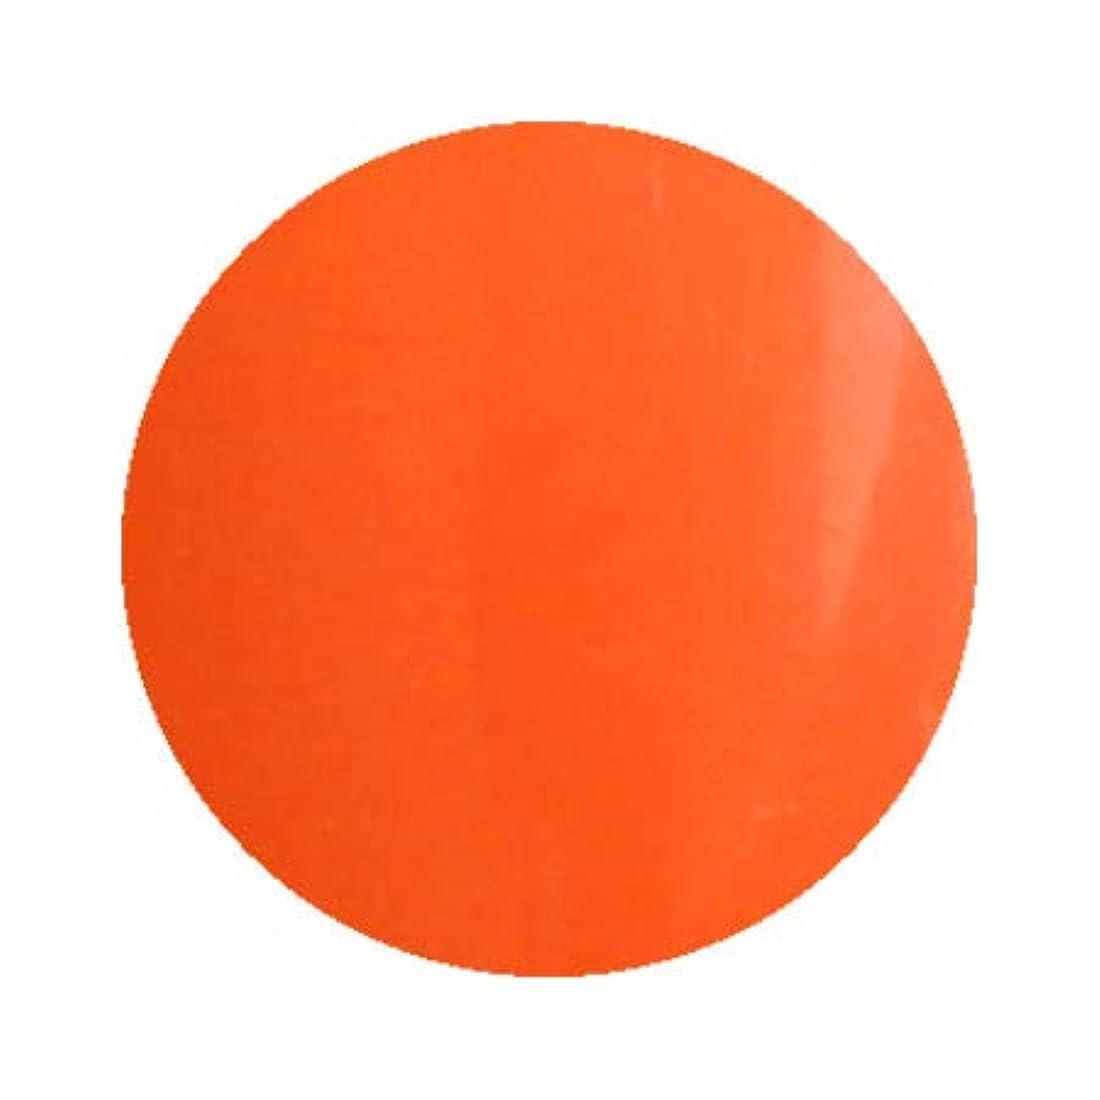 接続された下位理解するInity アイニティ ハイエンドカラー OR-03M サーモンオレンジ 3g